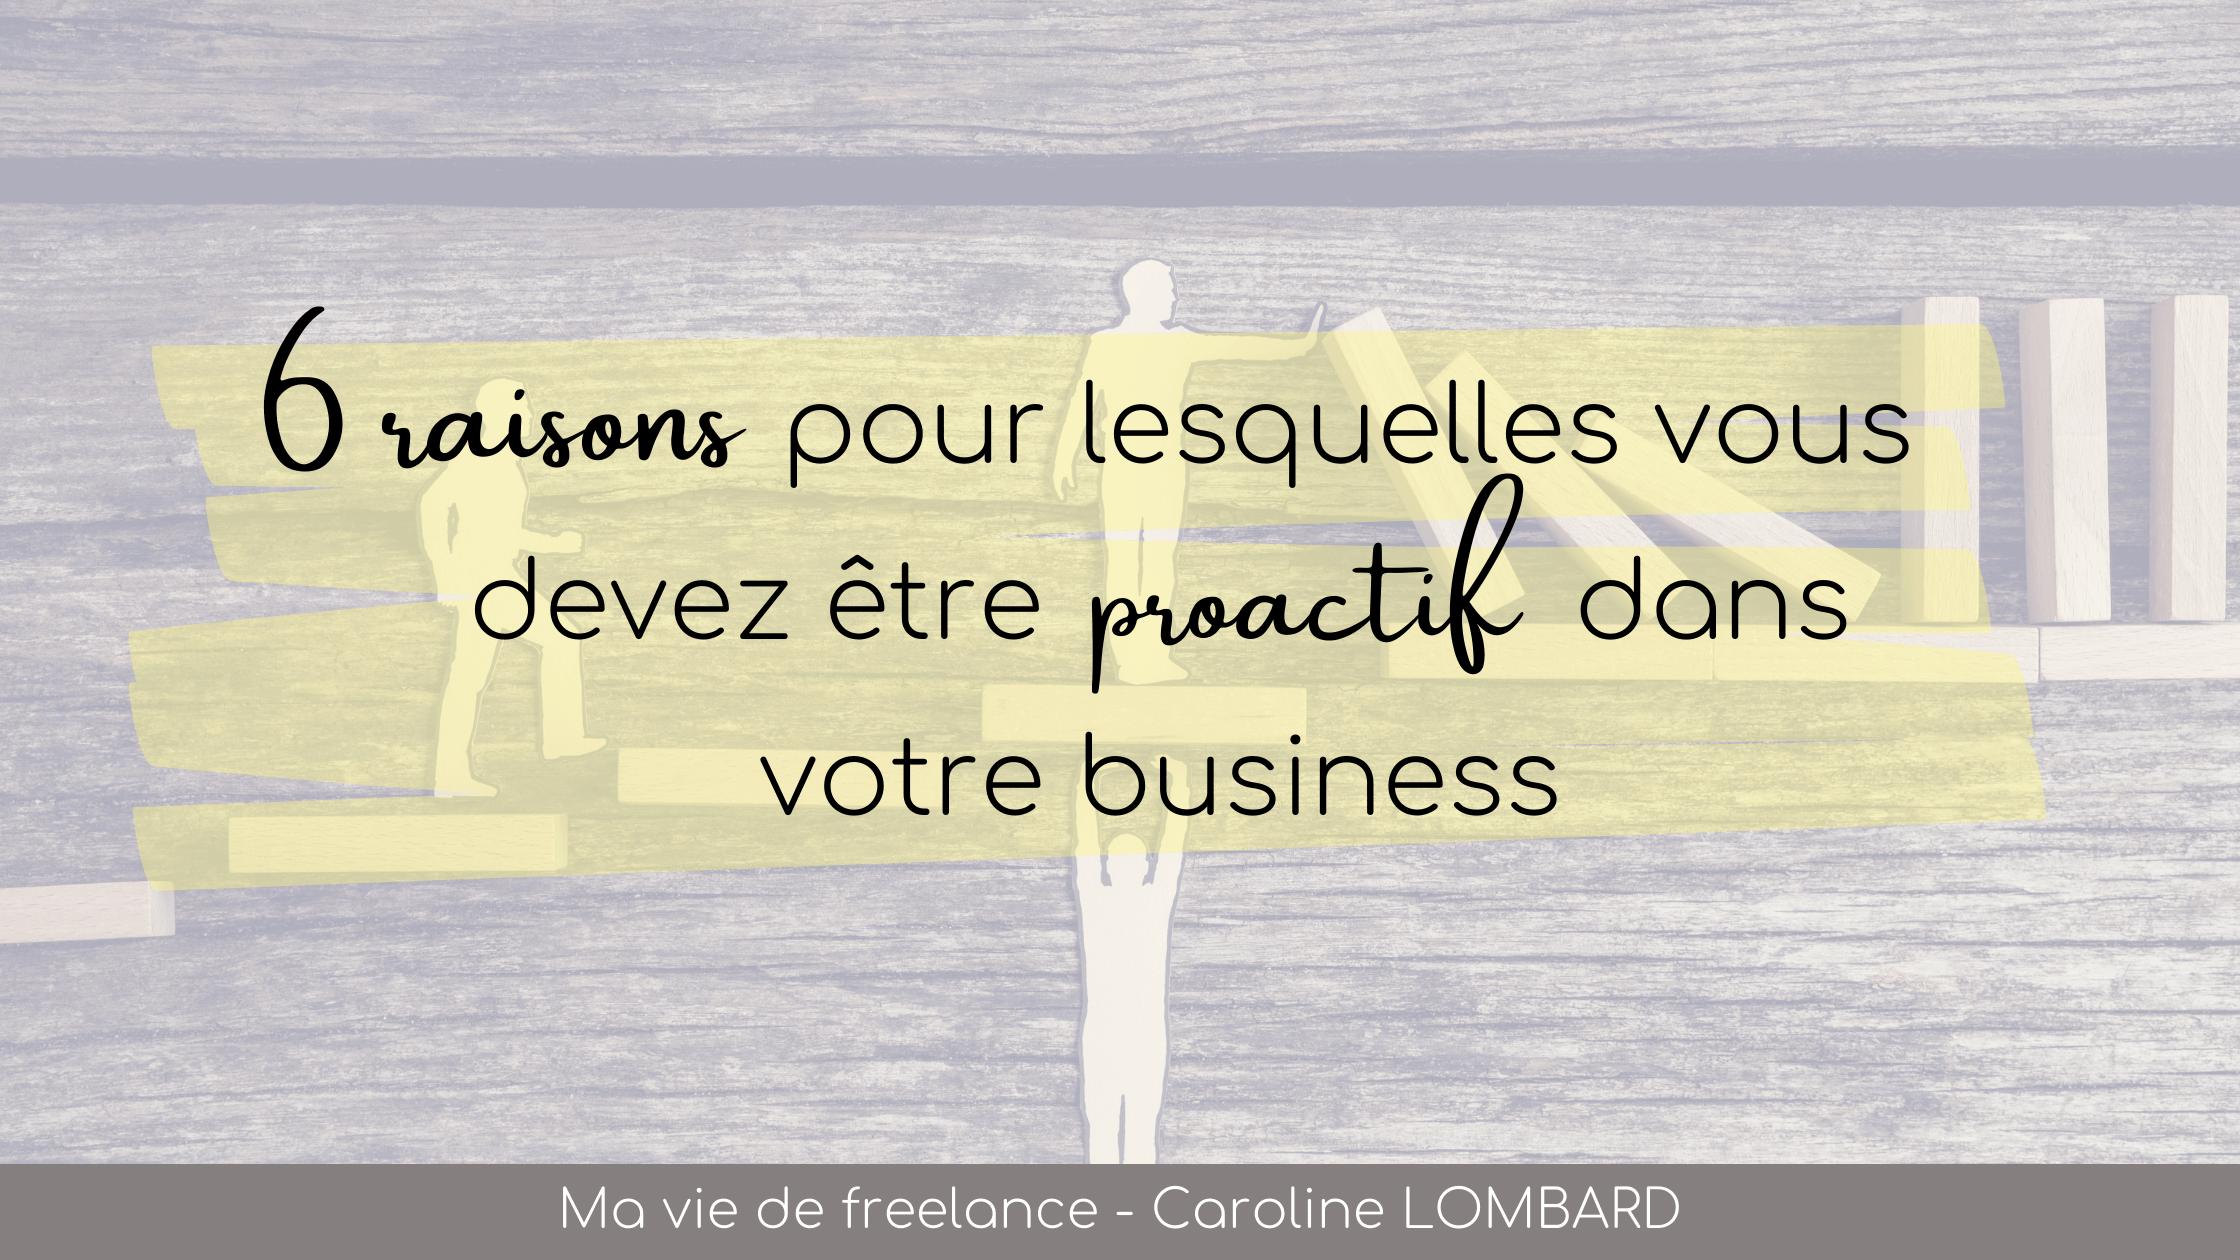 6-raisons-pour-lesquelles-vous-devez-etre-proactif-dans-votre-business